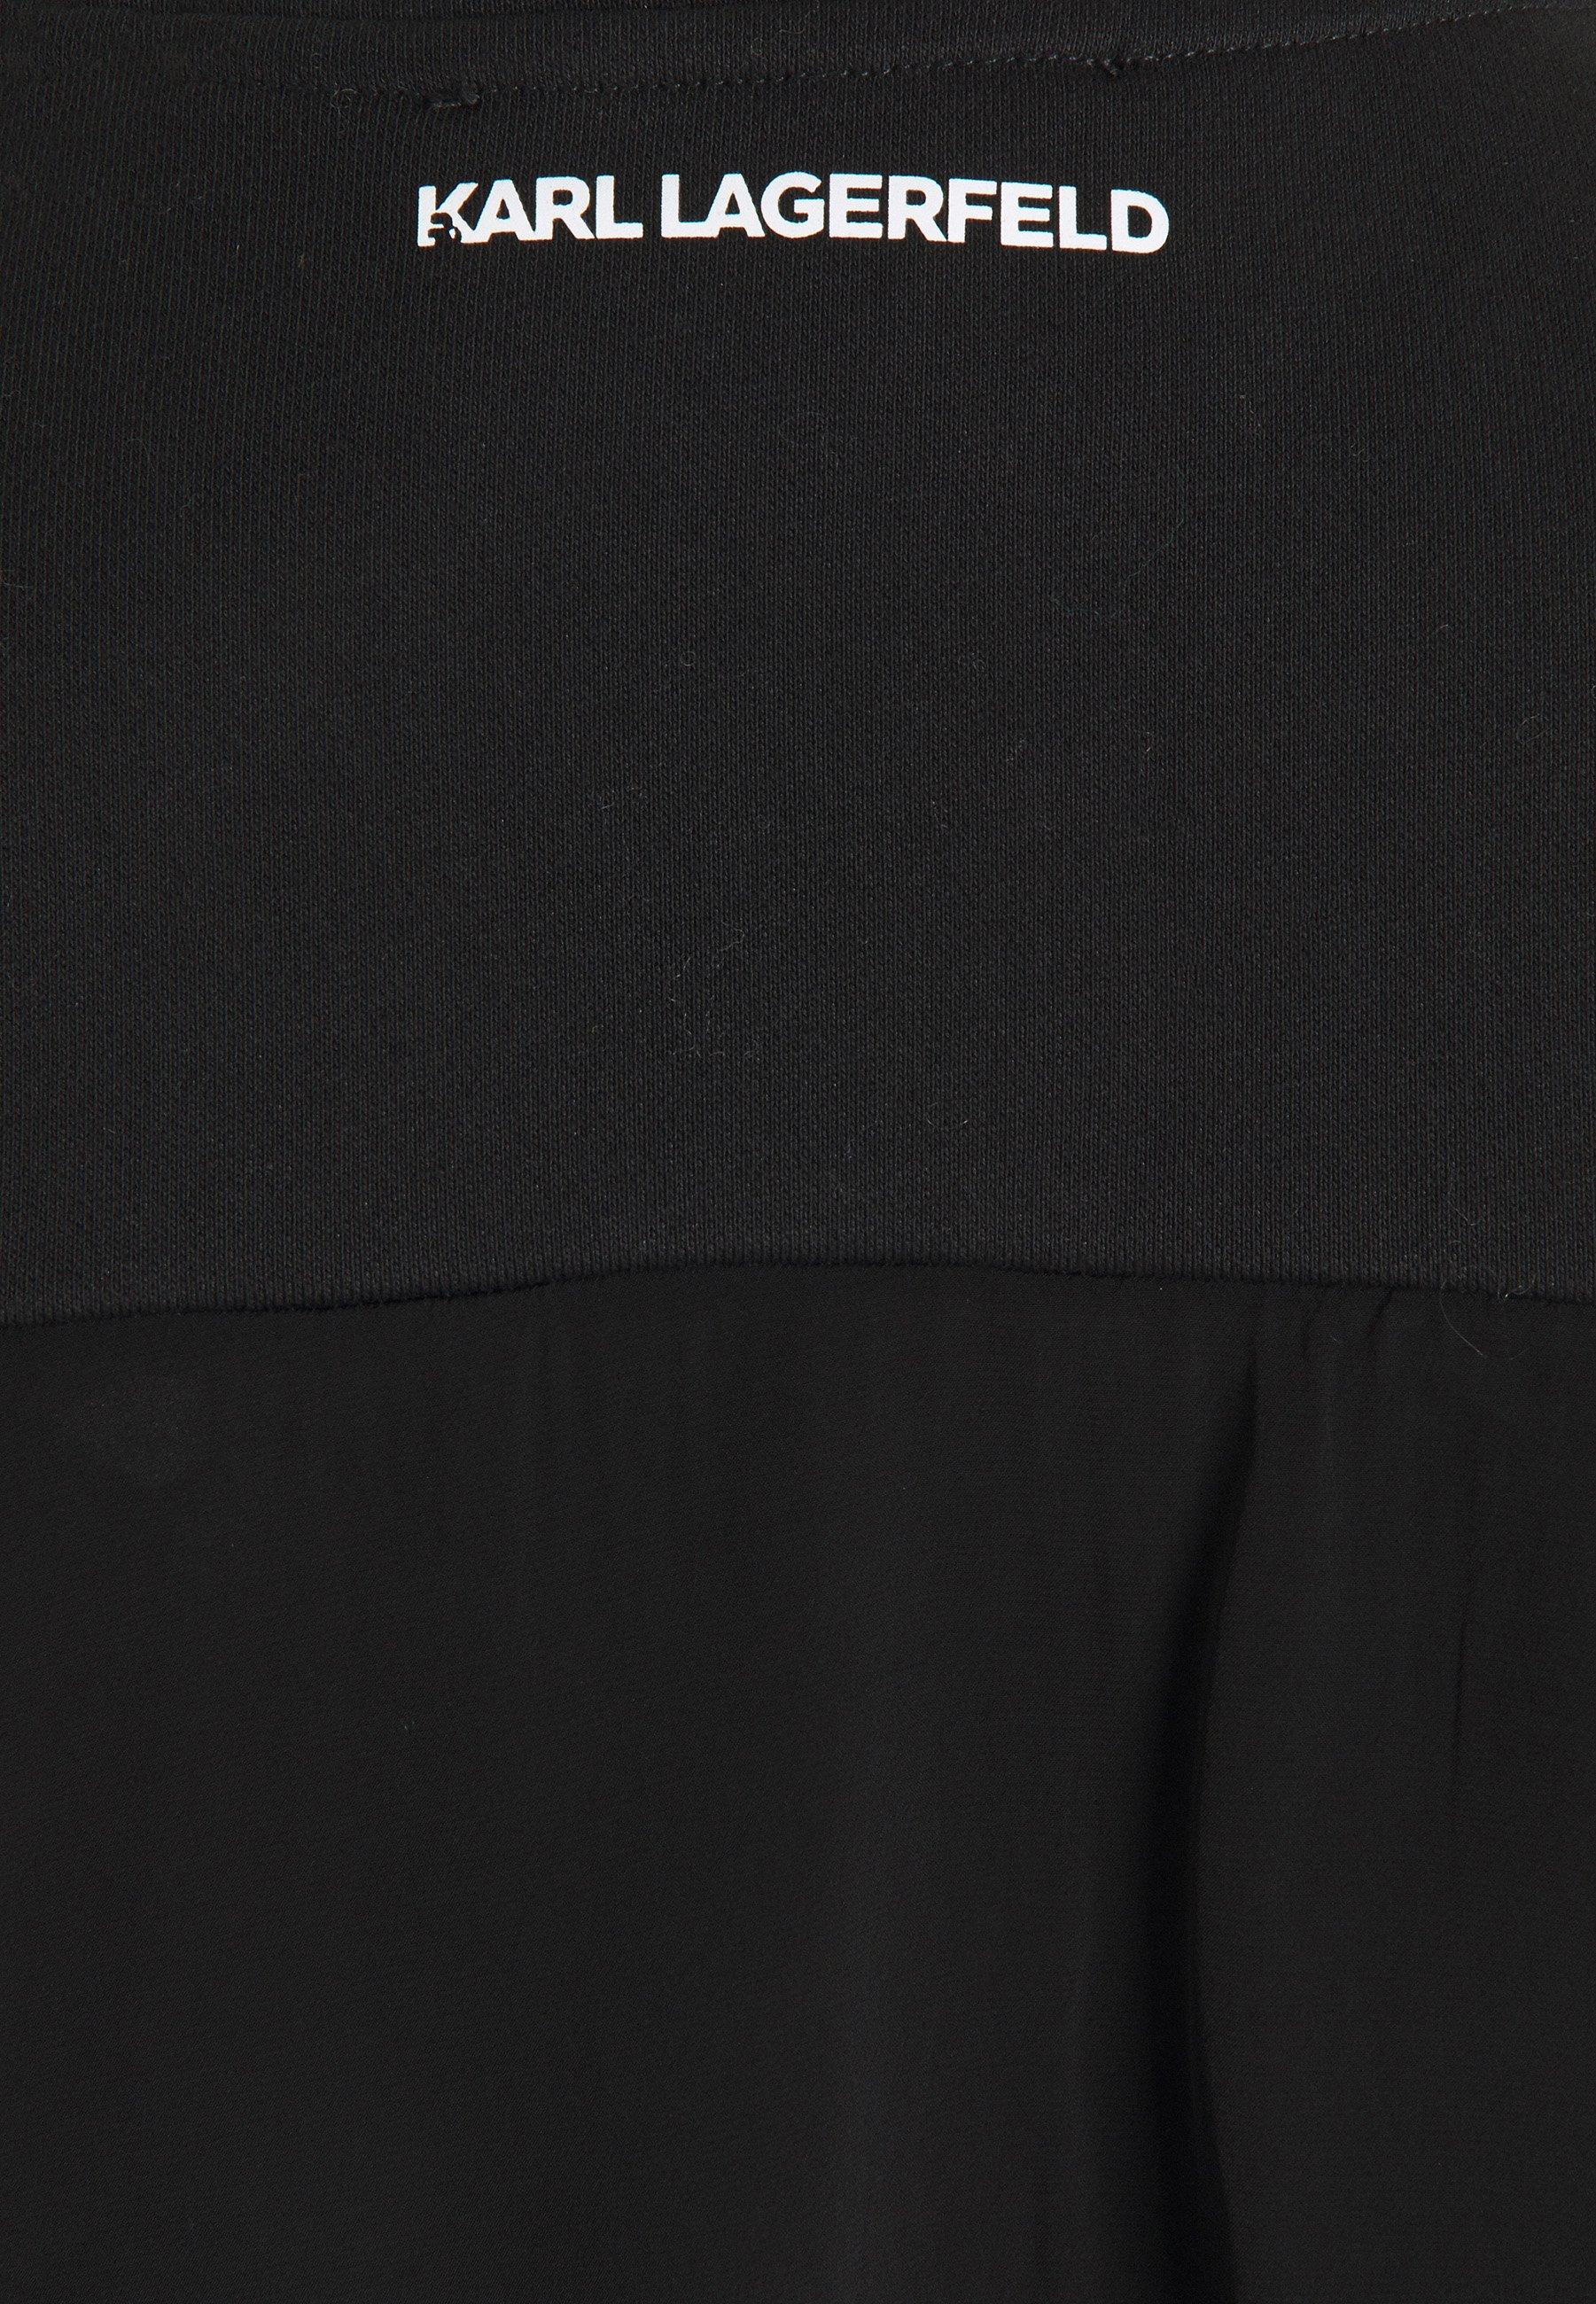 KARL LAGERFELD BOW RUFFLE  Freizeitkleid  black/schwarz